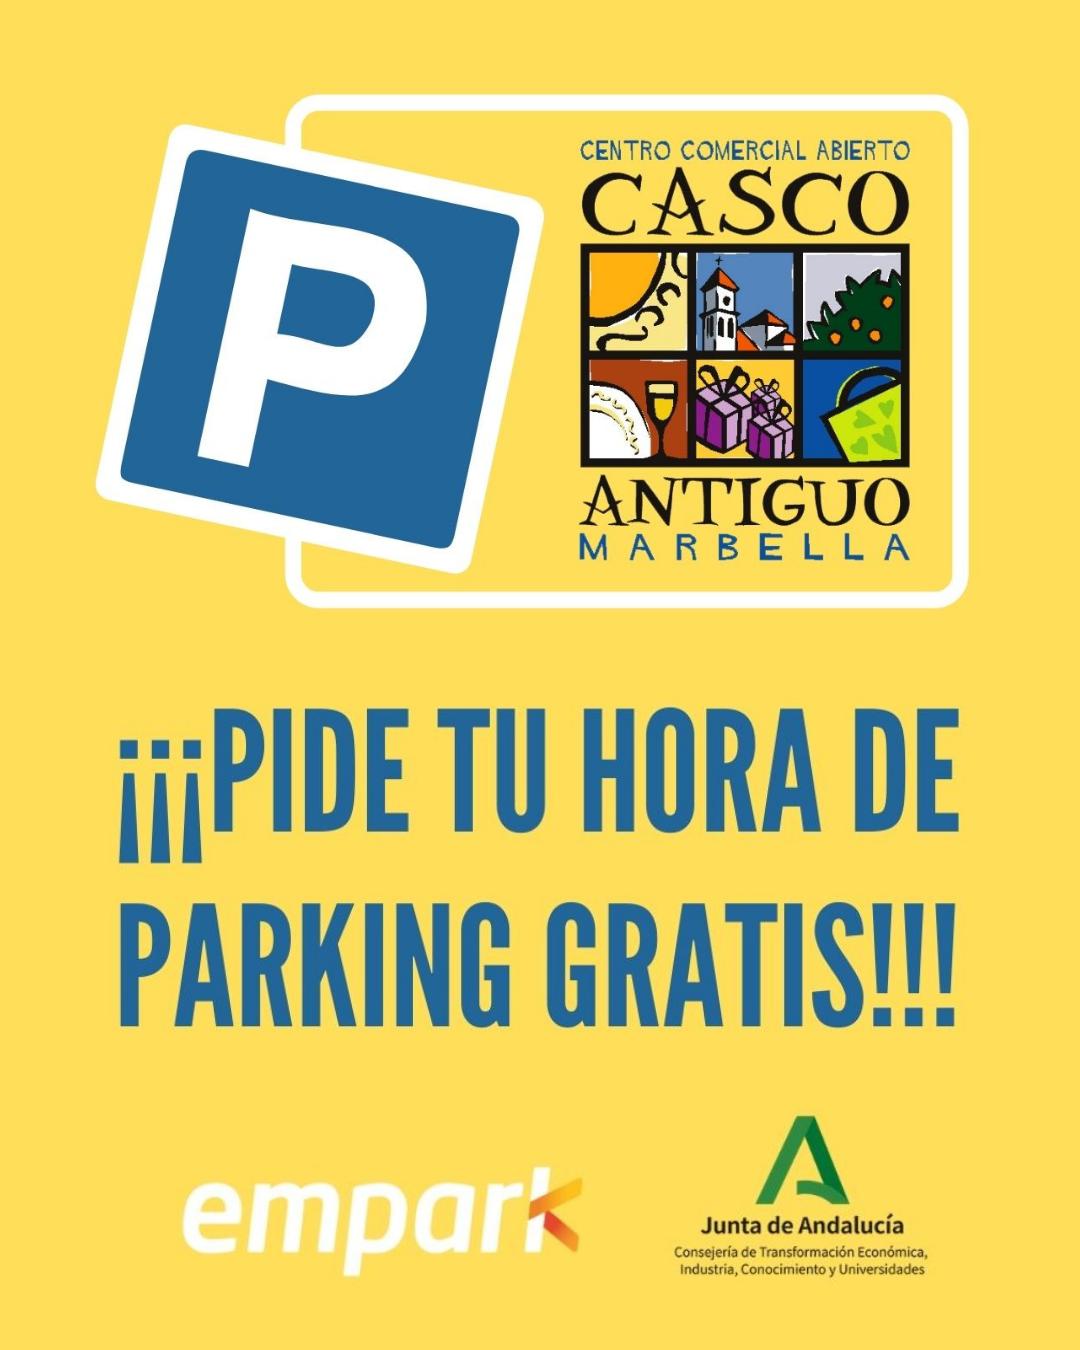 promocion aparcamiento